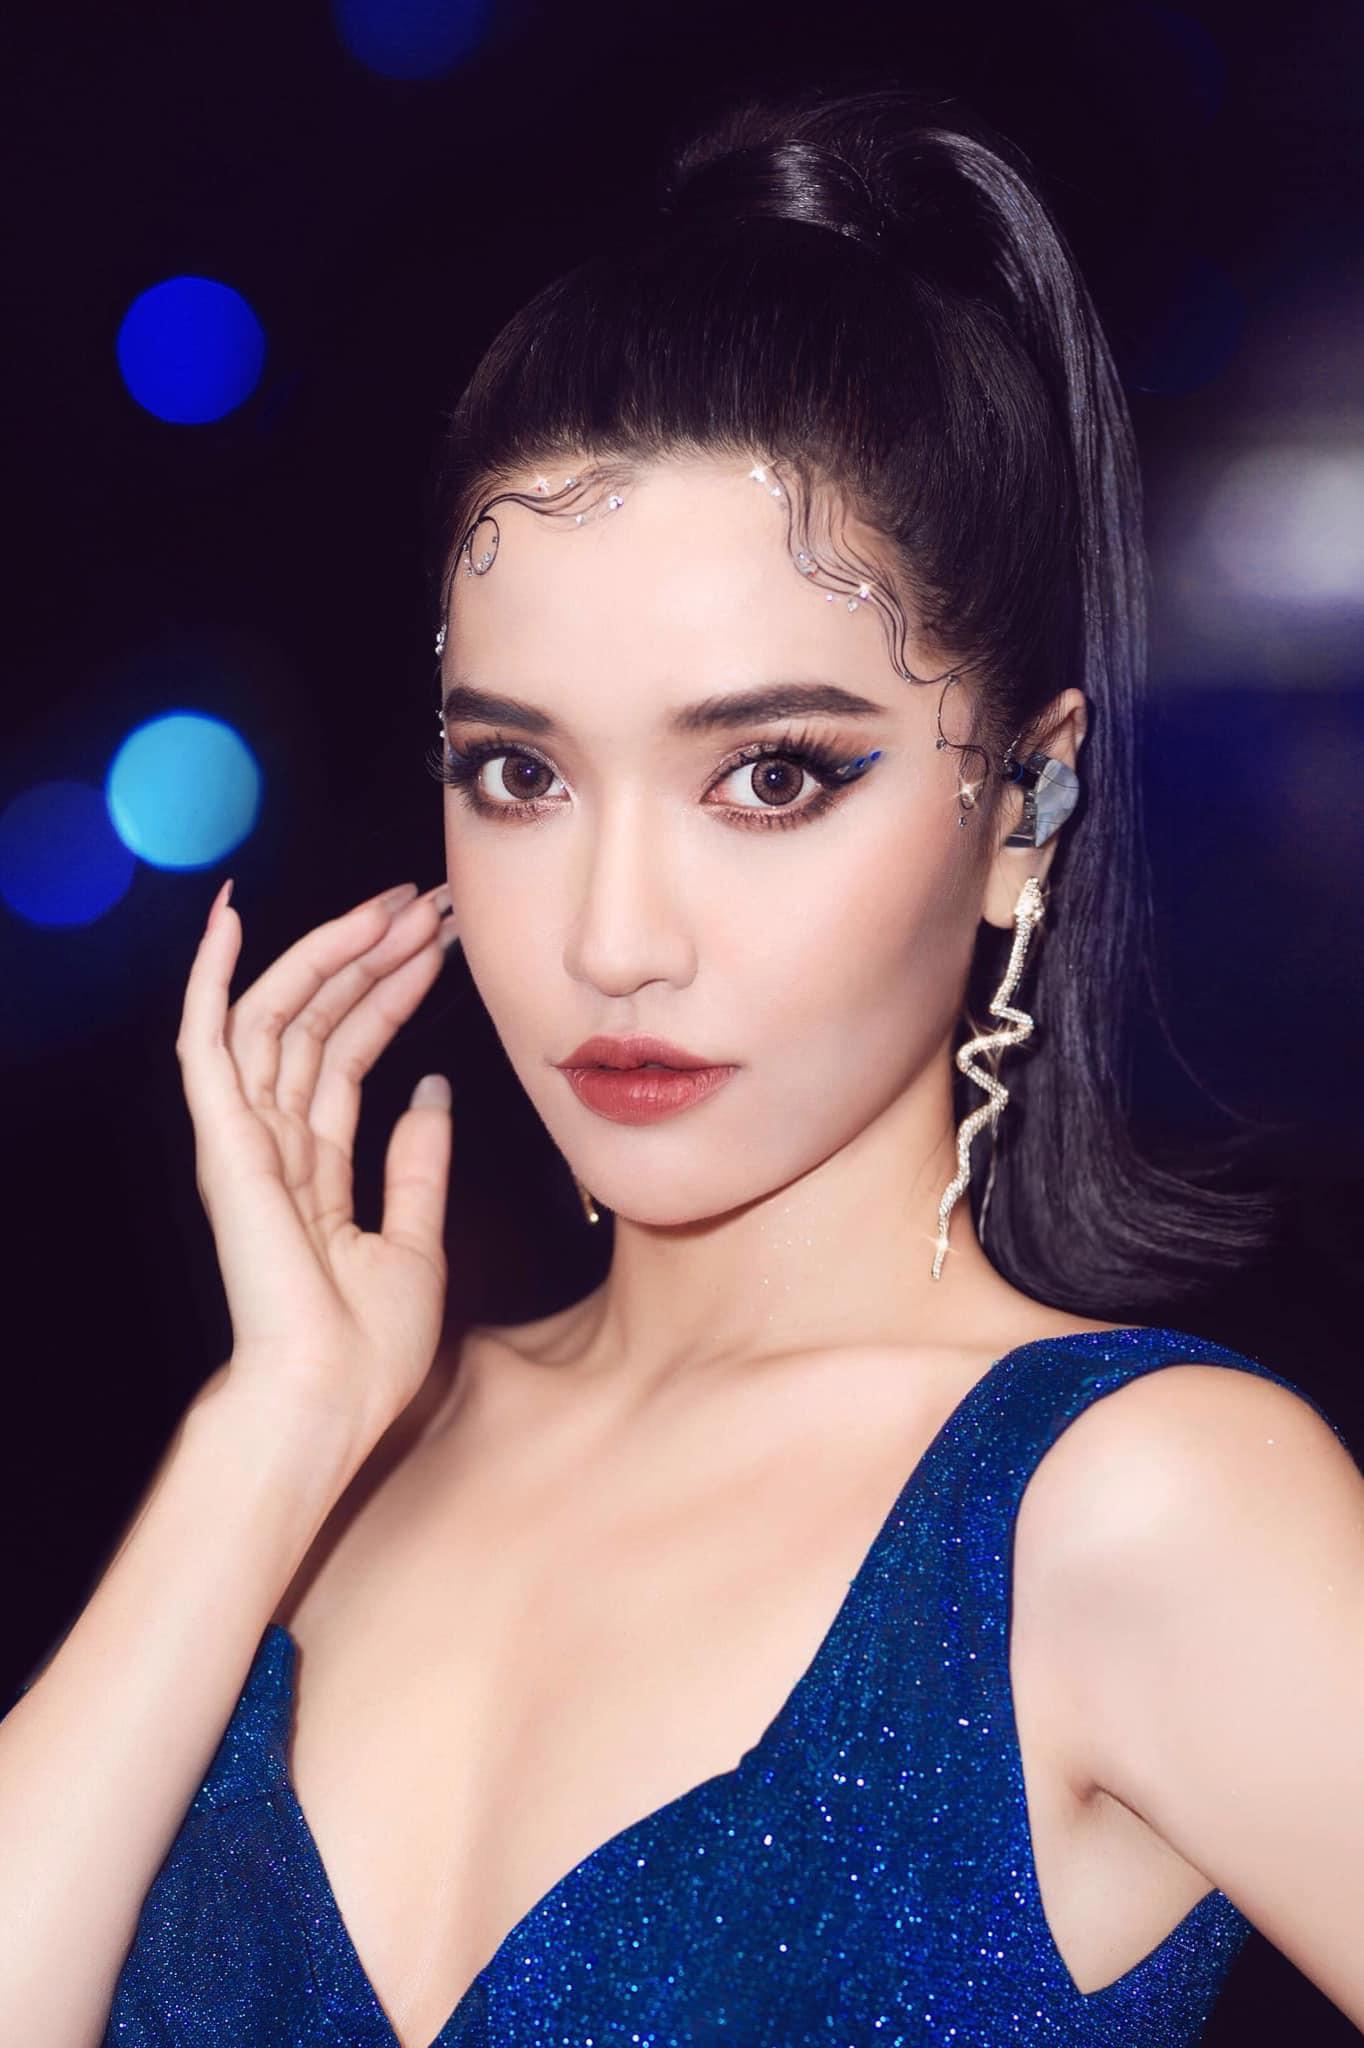 Dàn thí sinh Vietnam Idol lột xác nhan sắc sau 10 năm: Bích Phương dao kéo quá đỉnh, Văn Mai Hương - Trung Quân thay đổi ngoạn mục - Ảnh 4.